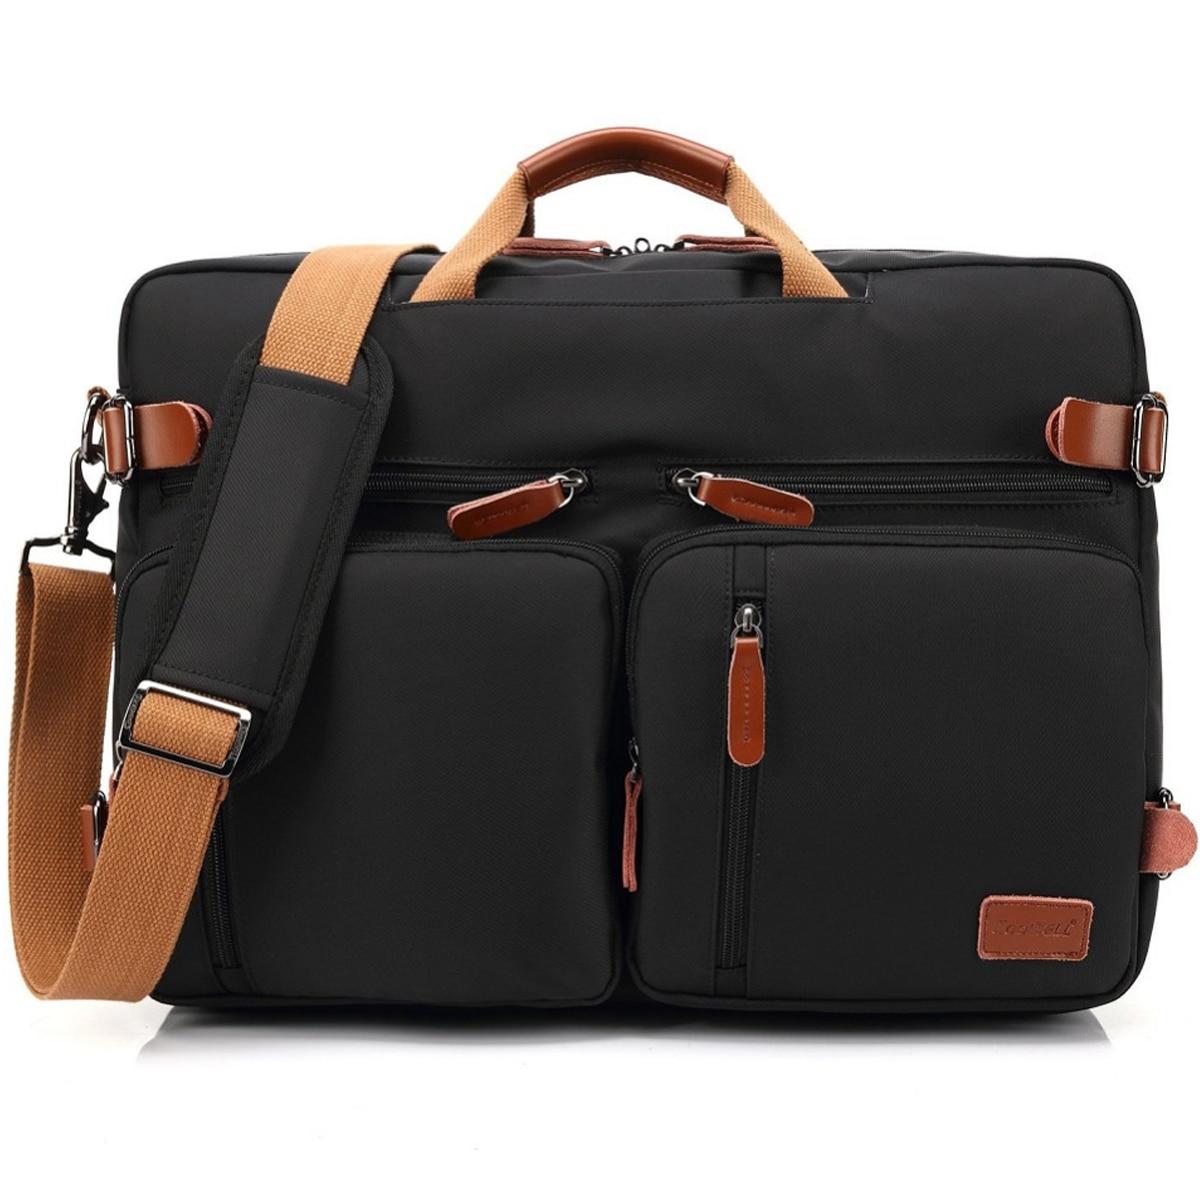 CoolBell 2018 nouveau sac à main étanche sac à bandoulière pour ordinateur portable 17 17.3 étui pour ordinateur portable grande capacité sac à dos de voyage